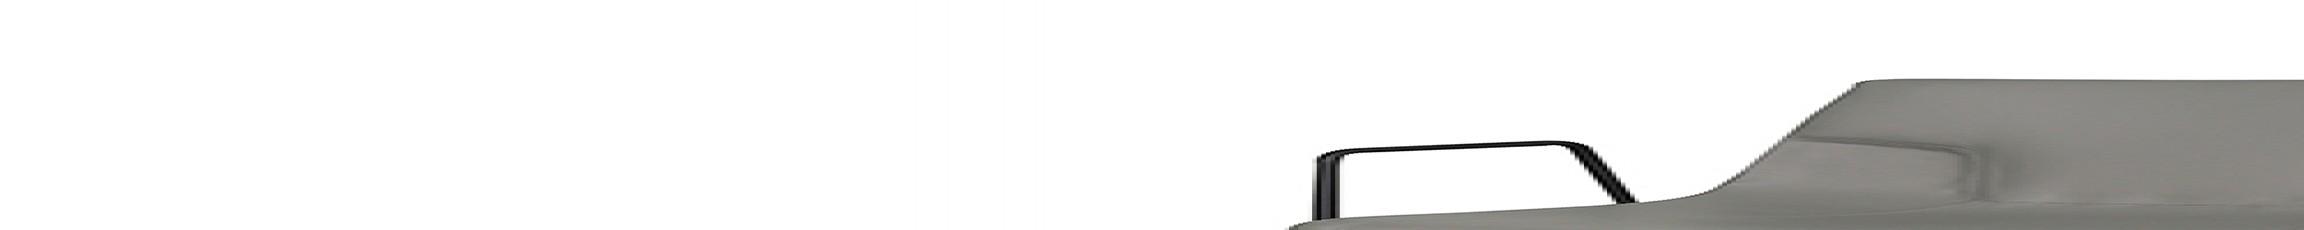 빈센트암소파(그레이 단종)